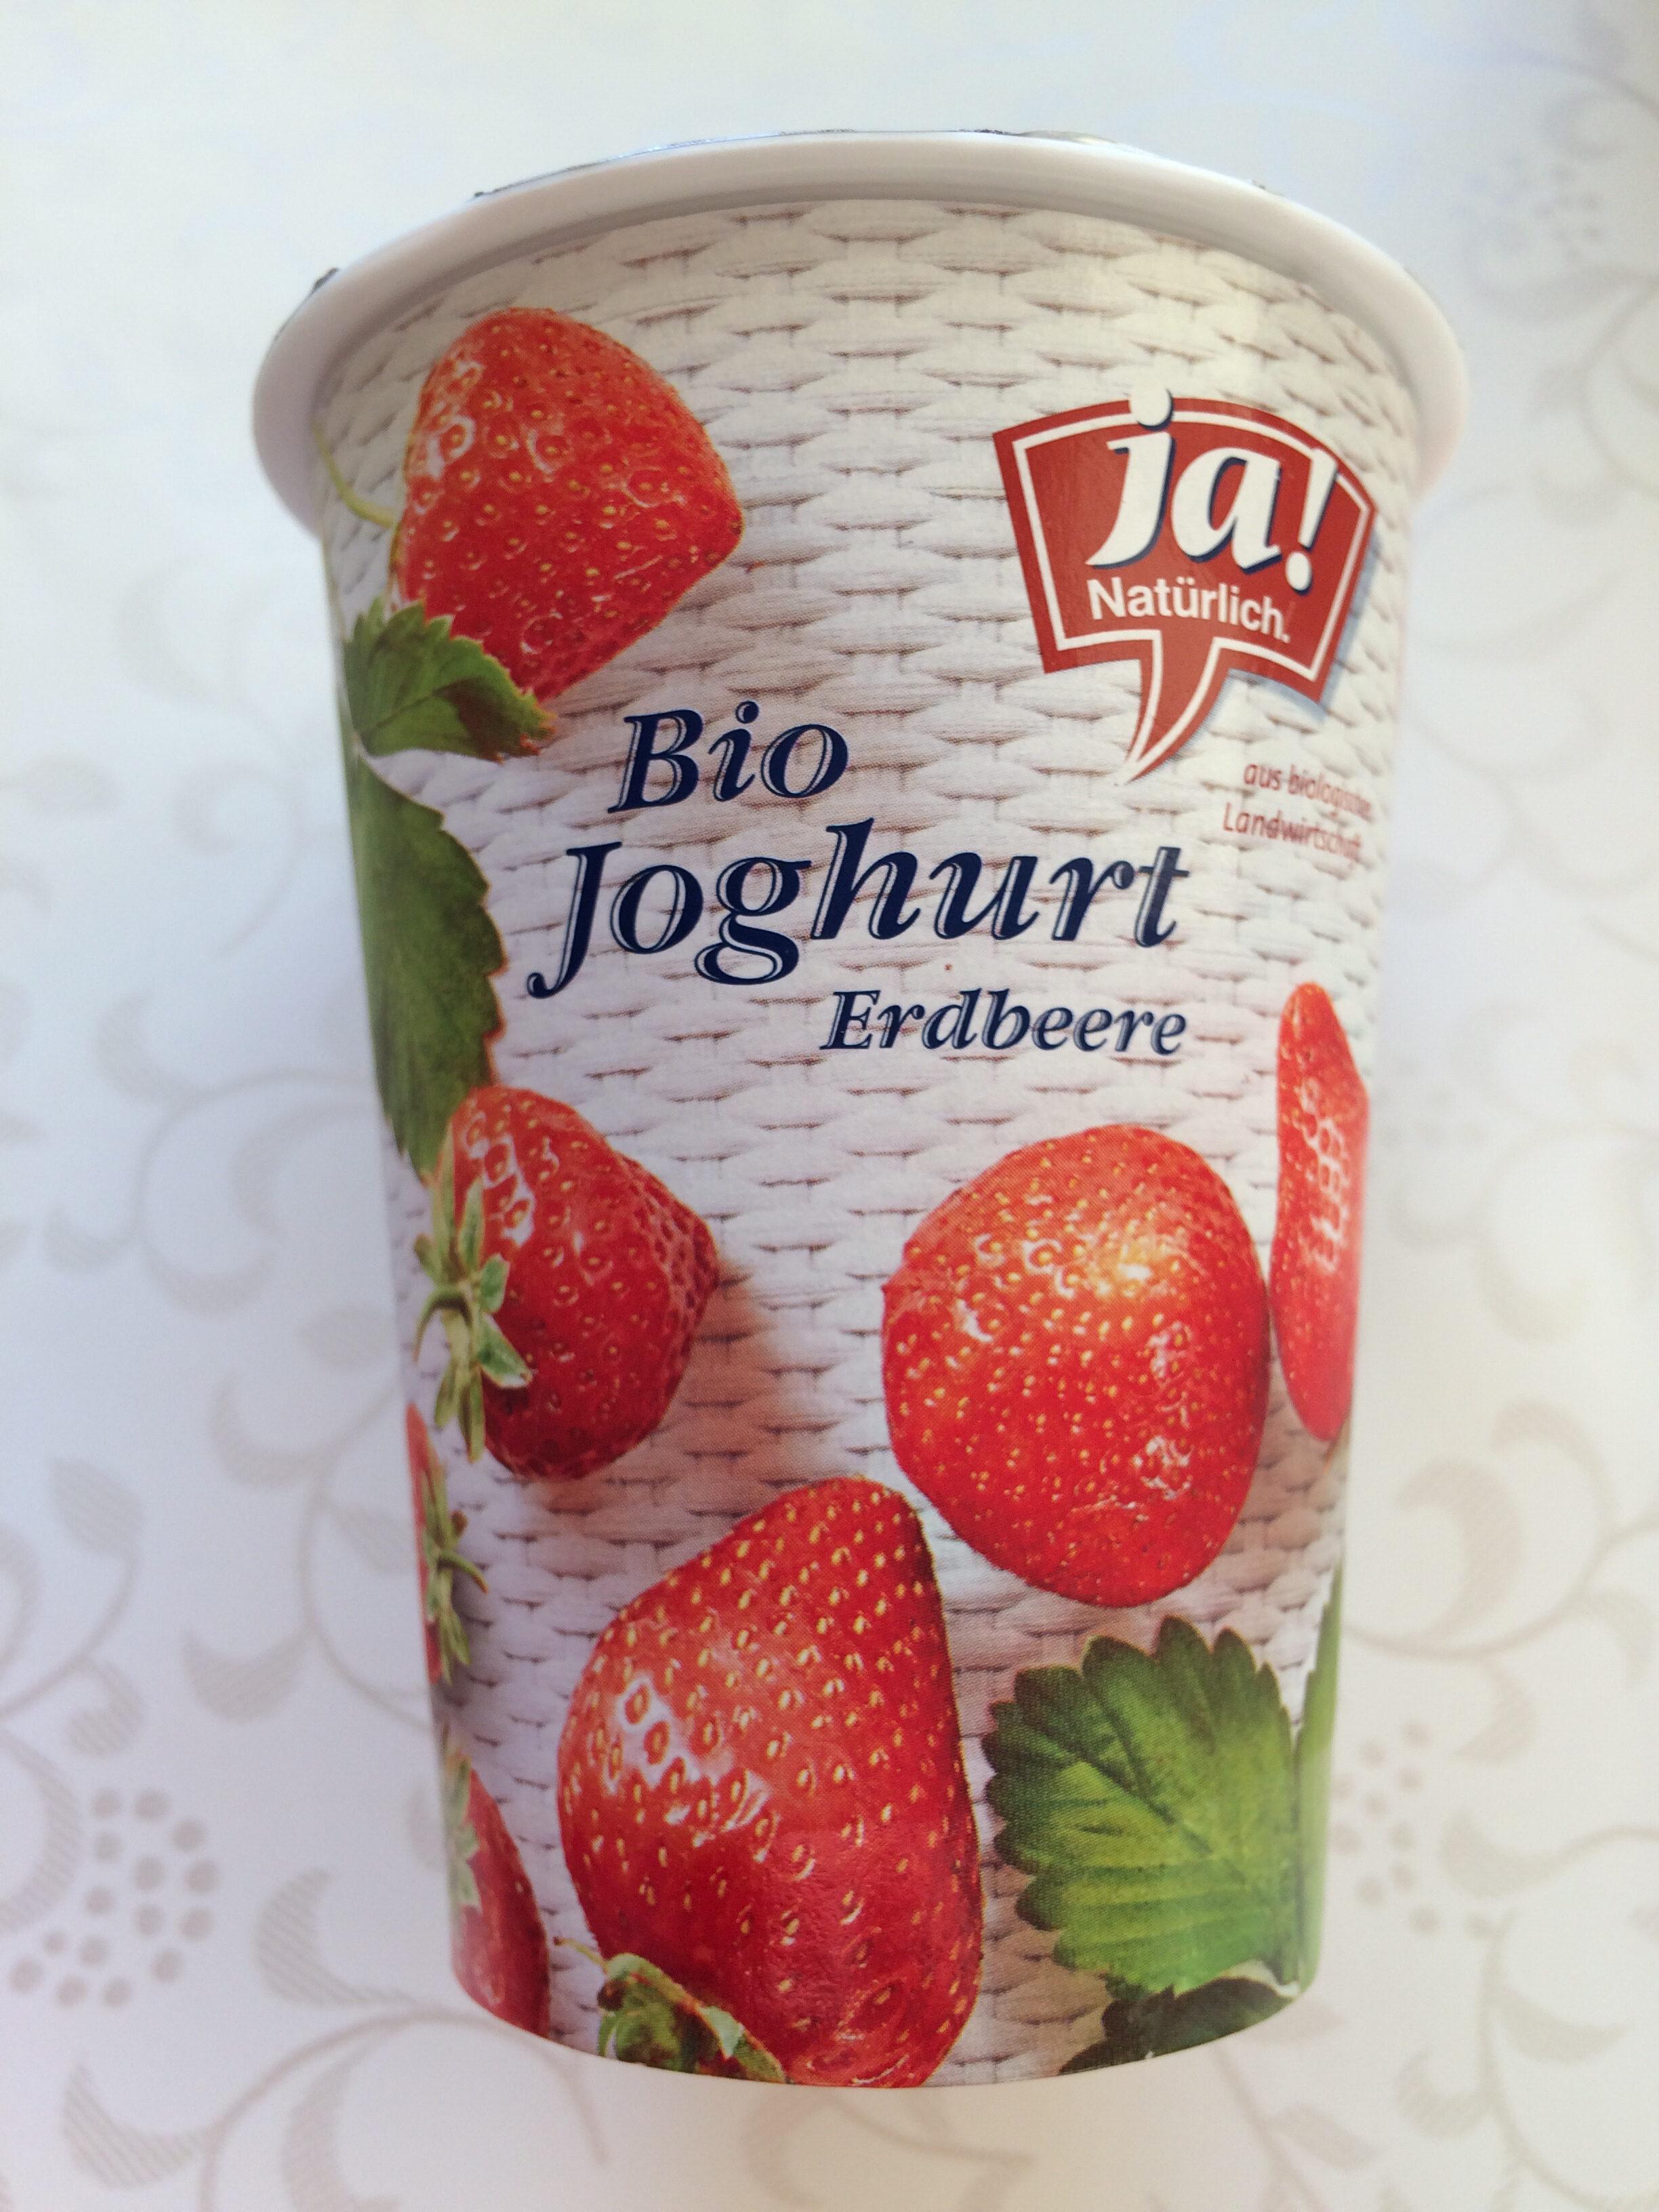 Bio Joghurt Erdbeere - Product - de